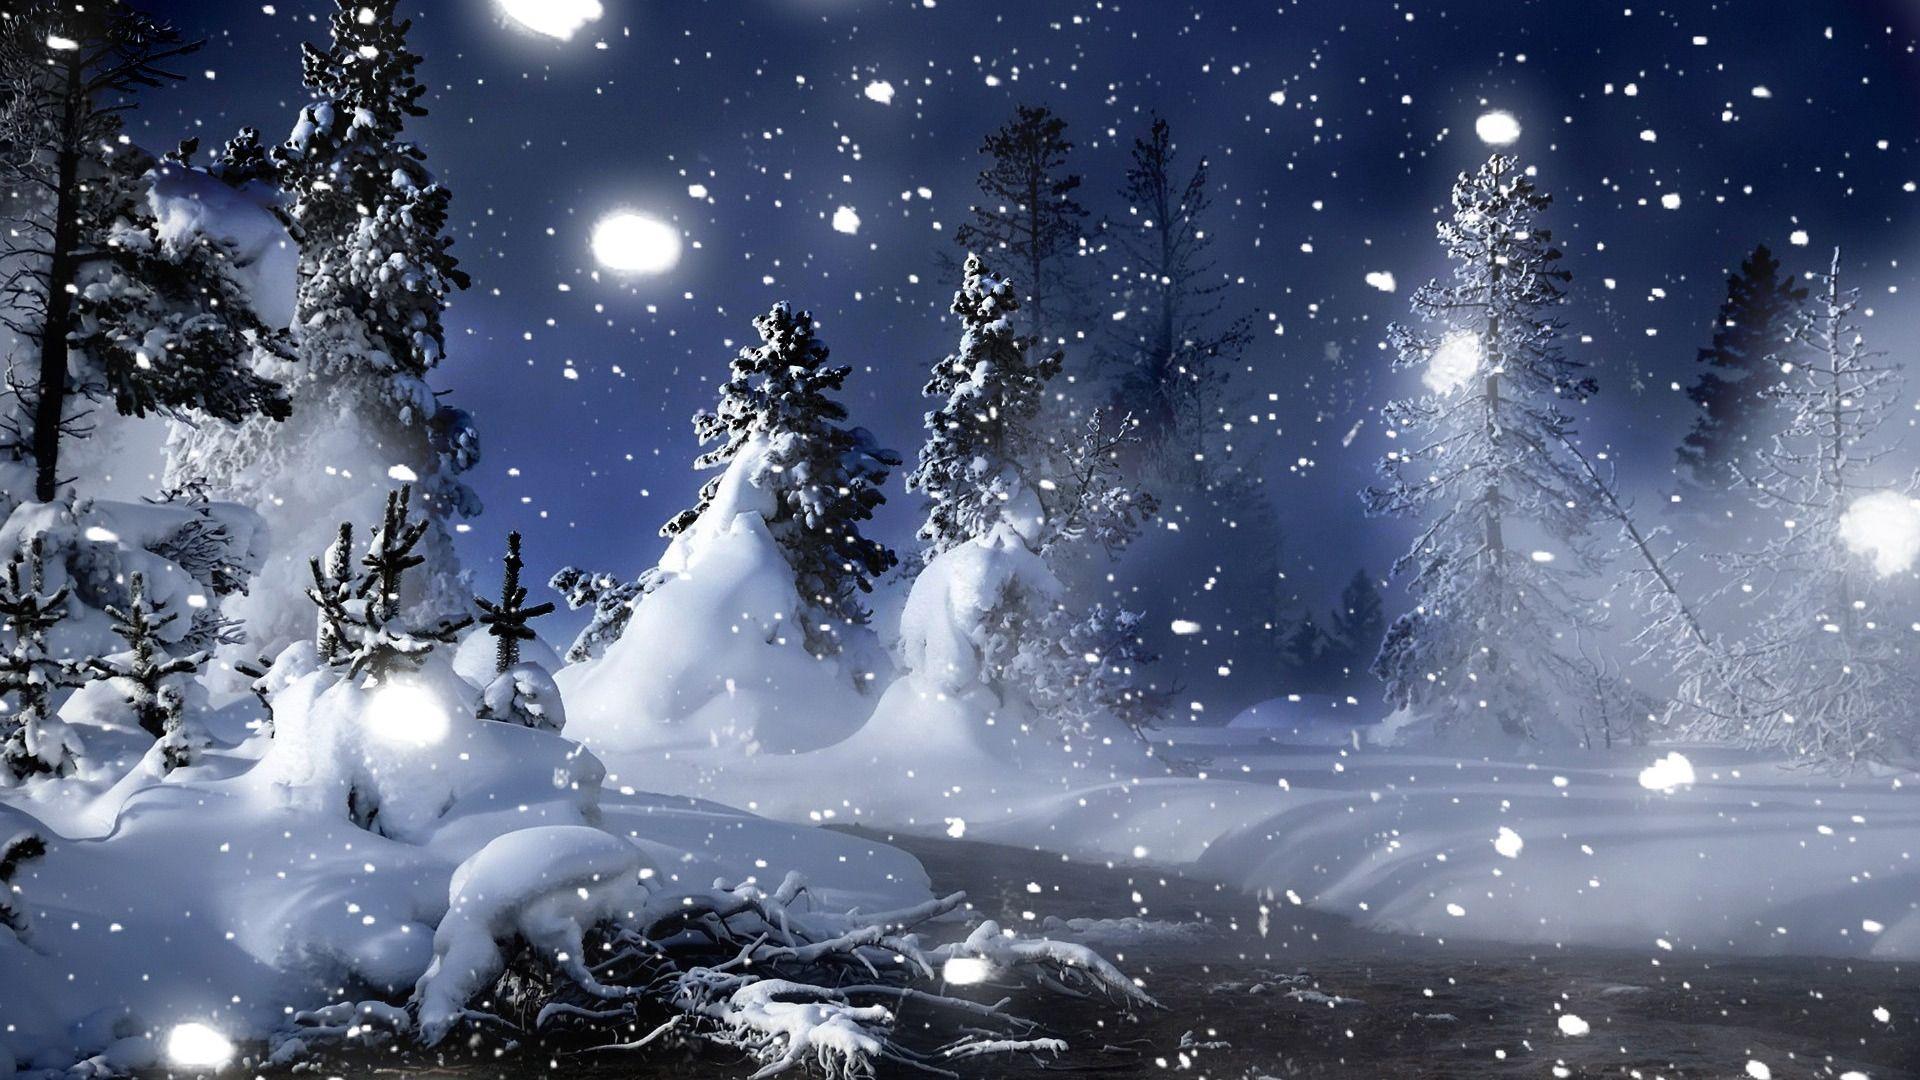 Картинки на рабочий стол красивые 3д зима